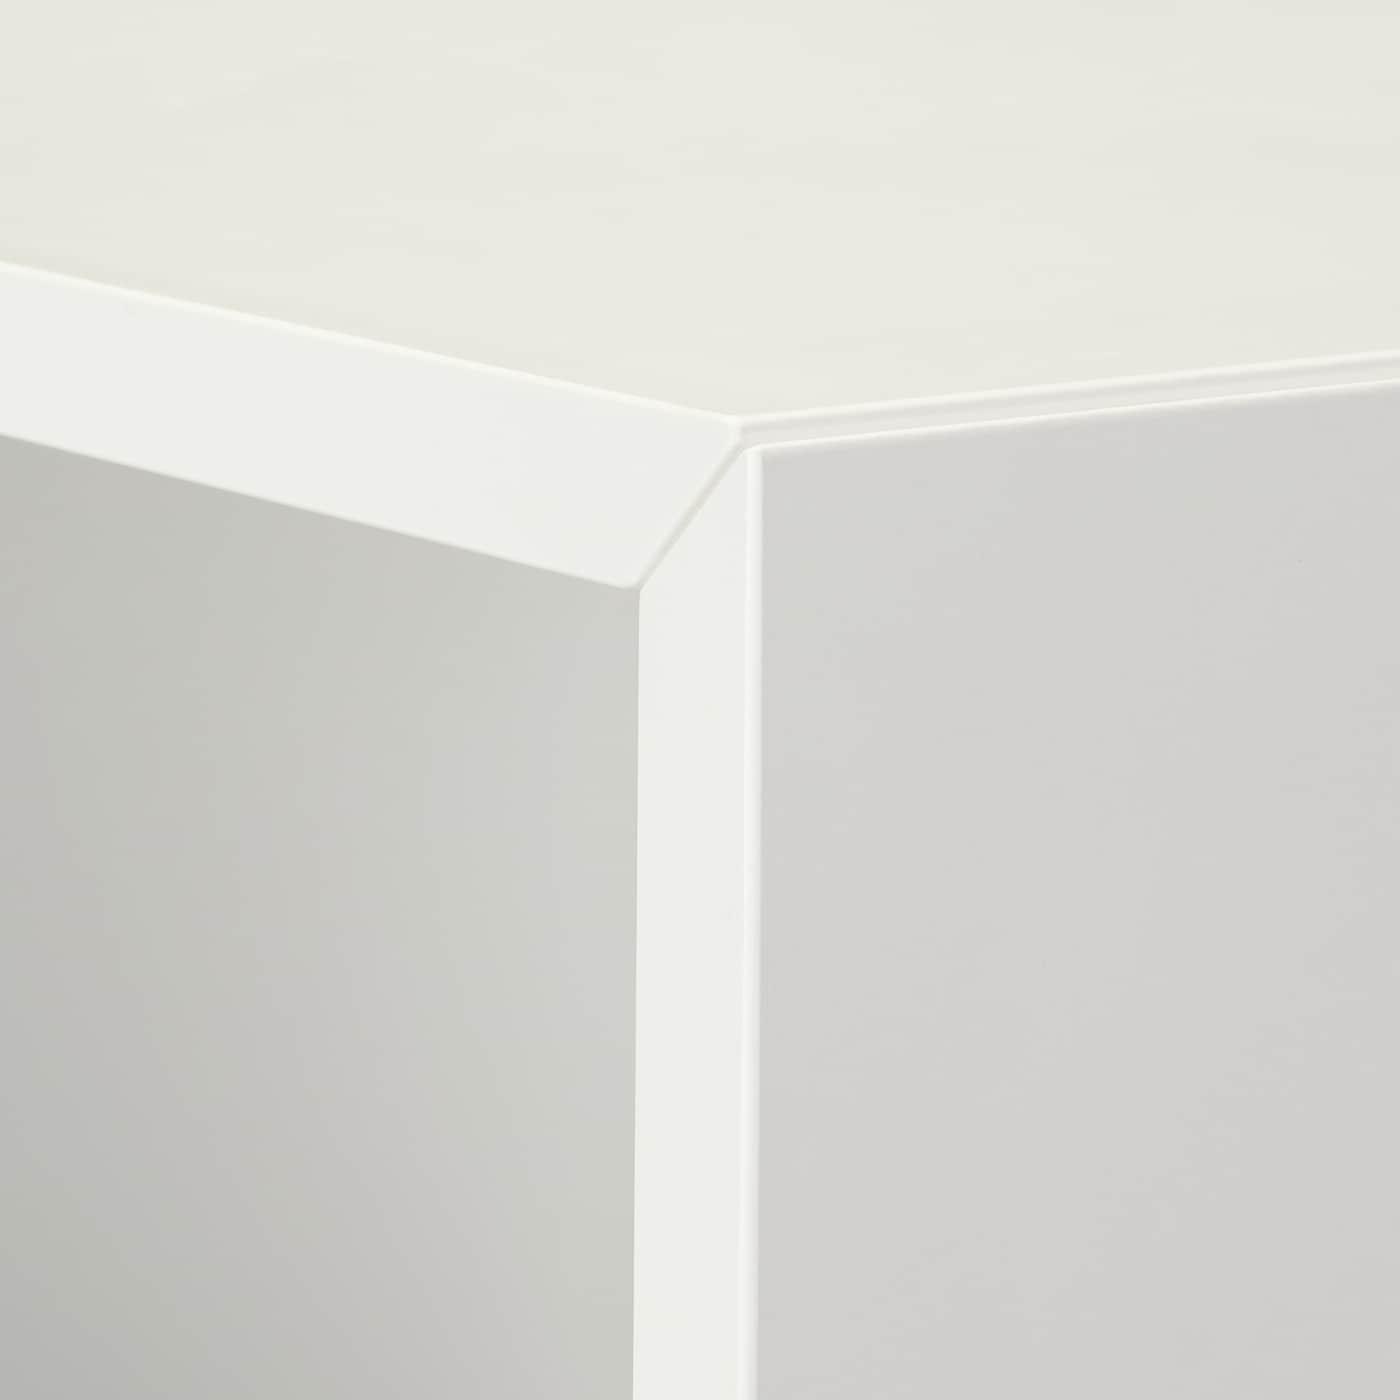 EKET エーケト キャビネット, ホワイト, 35x35x35 cm